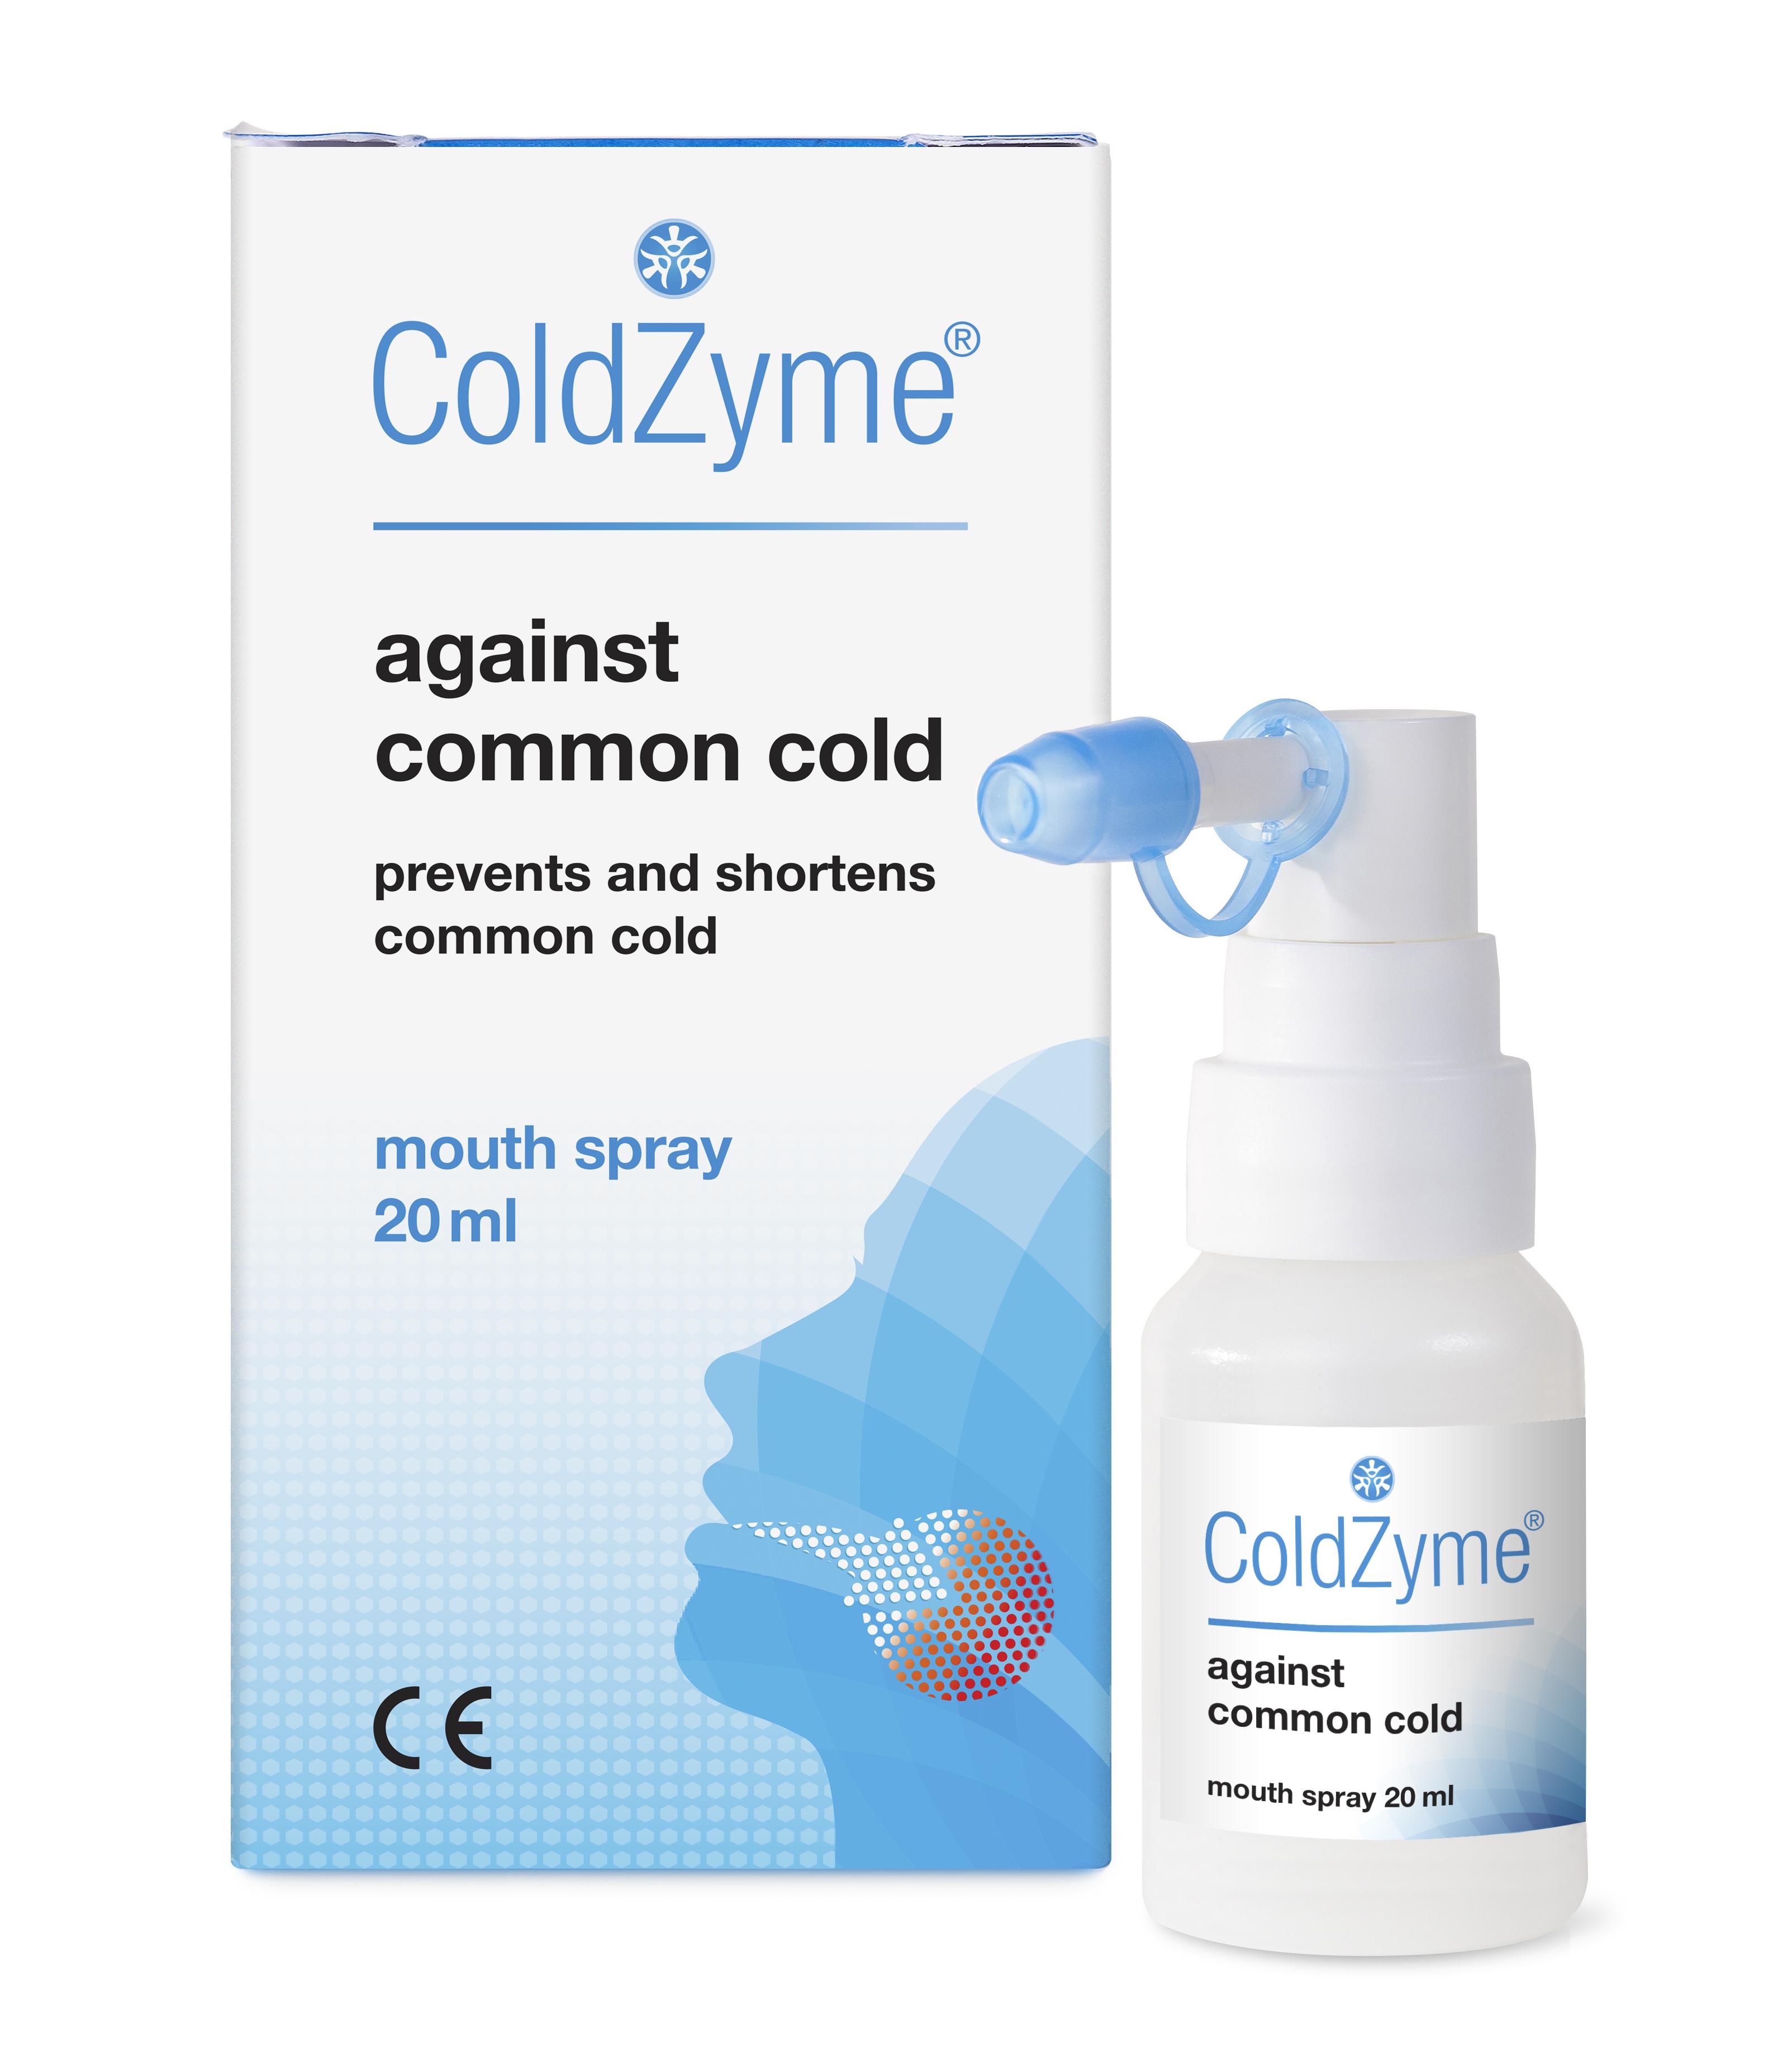 ColdZyme_Package_MOCKUP-2014-07-07